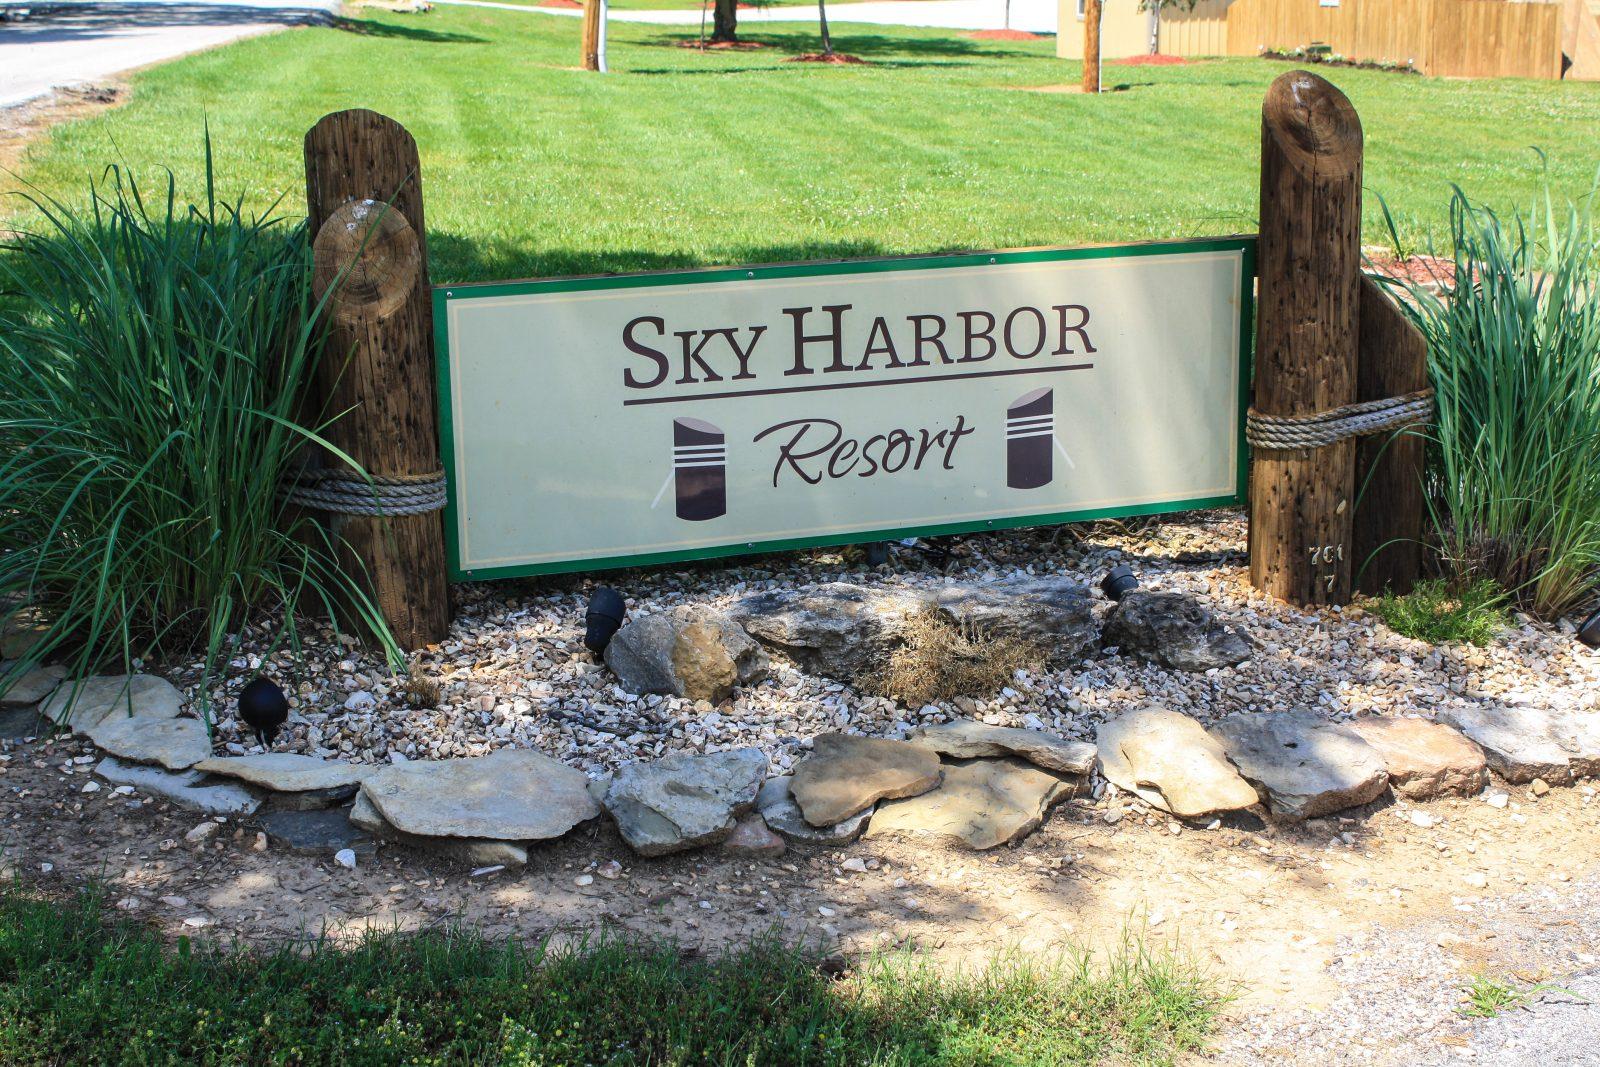 Kylee-Zacs-2019-Trip-Sky-Harbor-531-e1565597334730